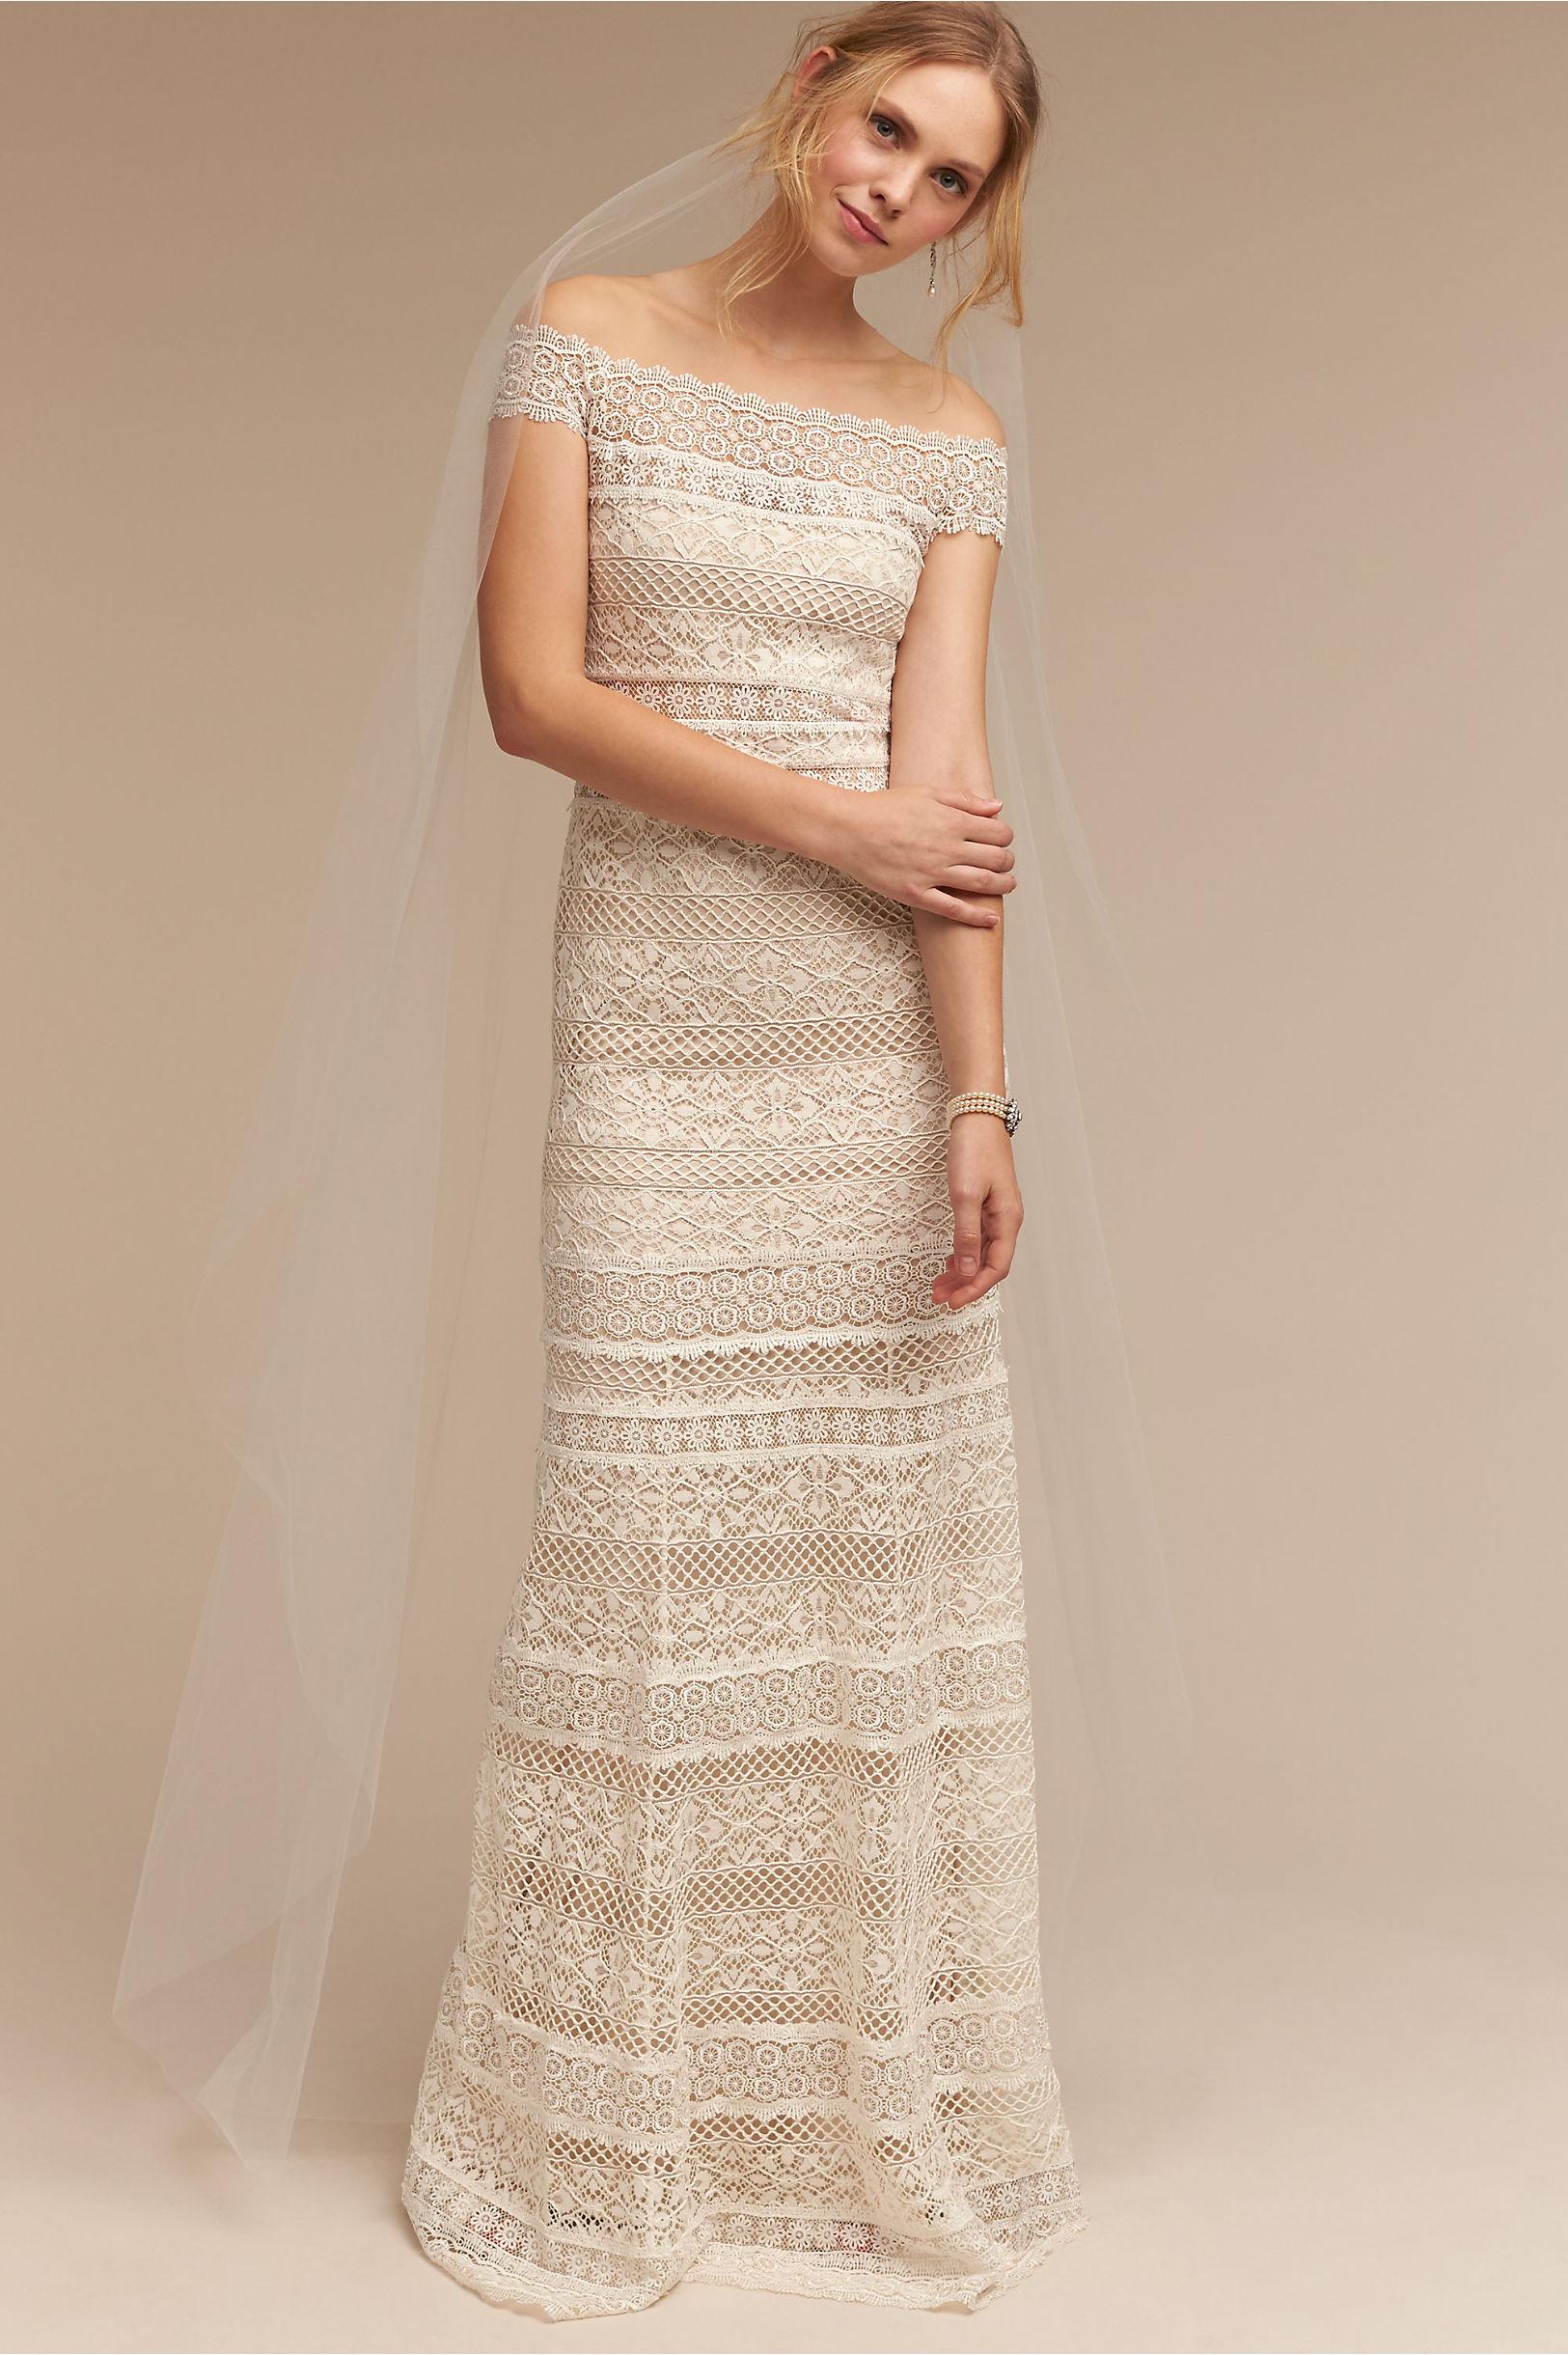 Eira Gown in Sale | BHLDN